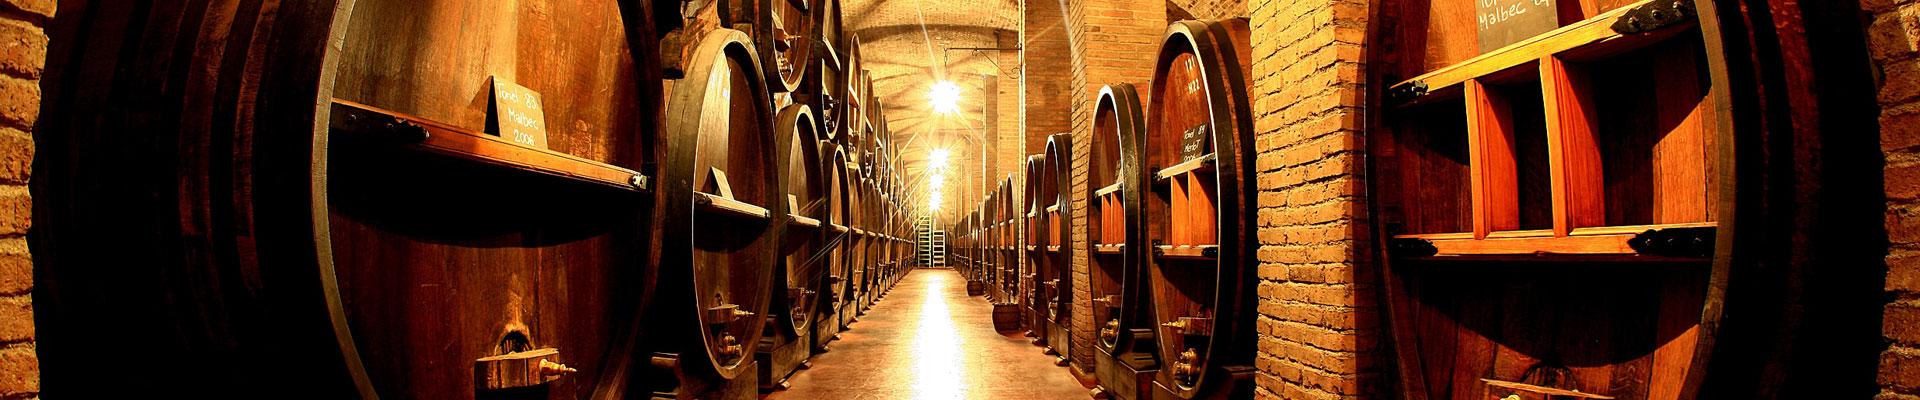 banner-wine3